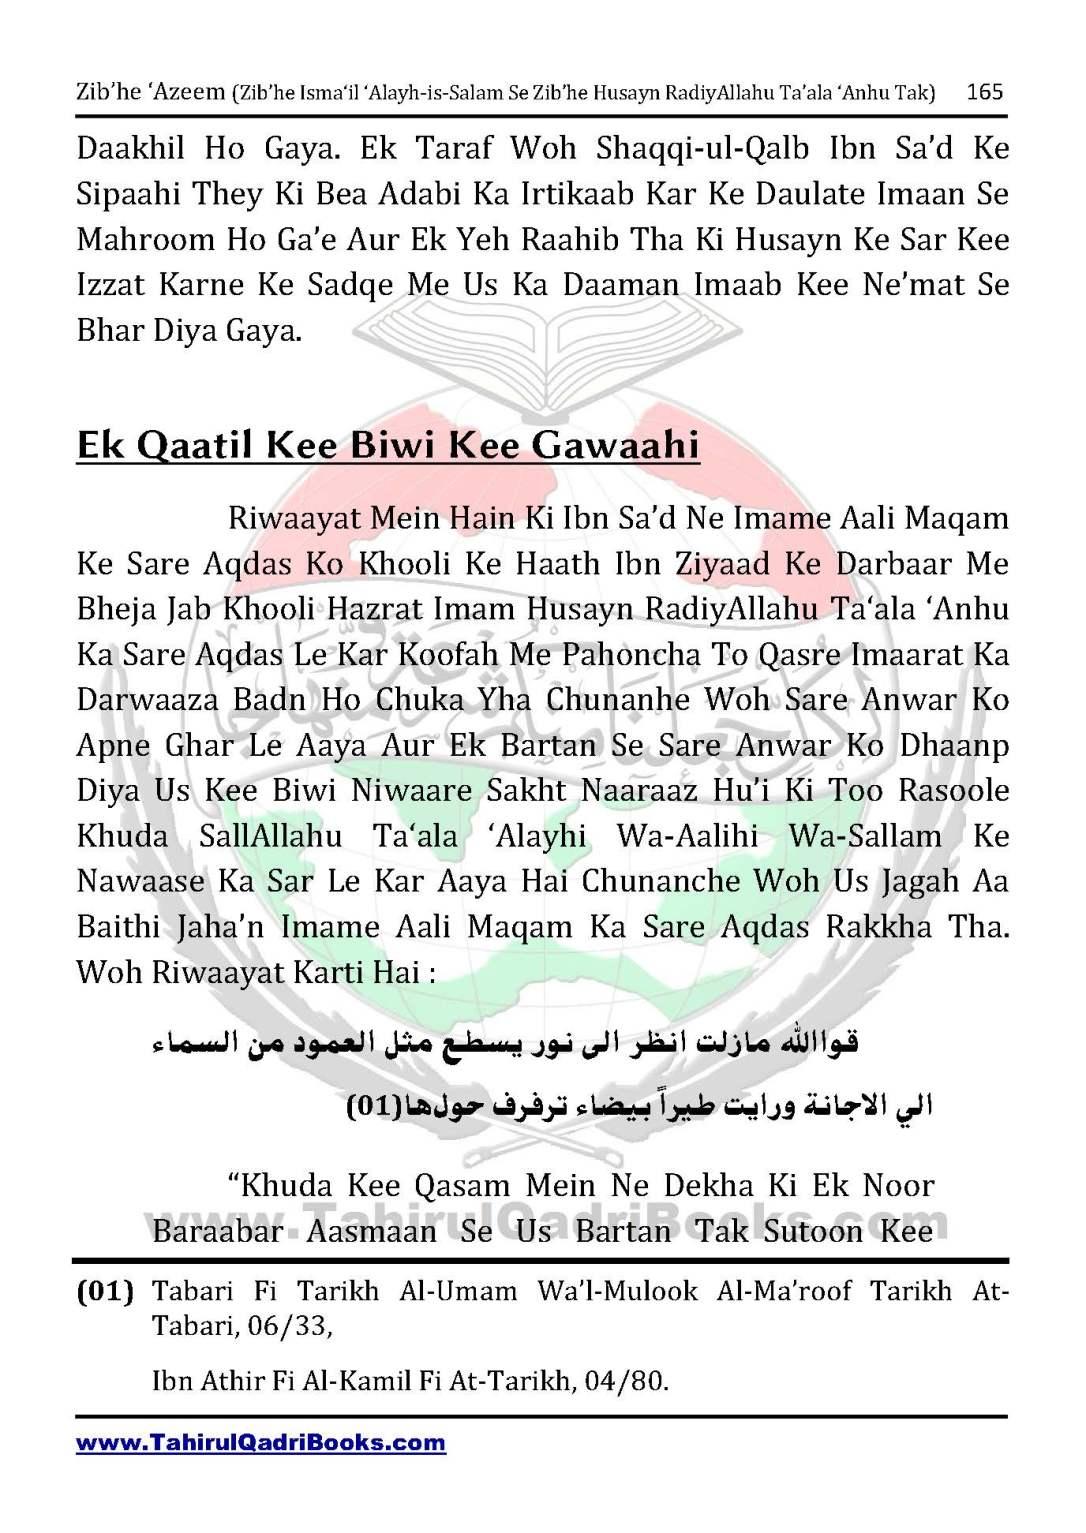 zib_he-e28098azeem-zib_he-ismacabbil-se-zib_he-husayn-tak-in-roman-urdu-unlocked_Page_165